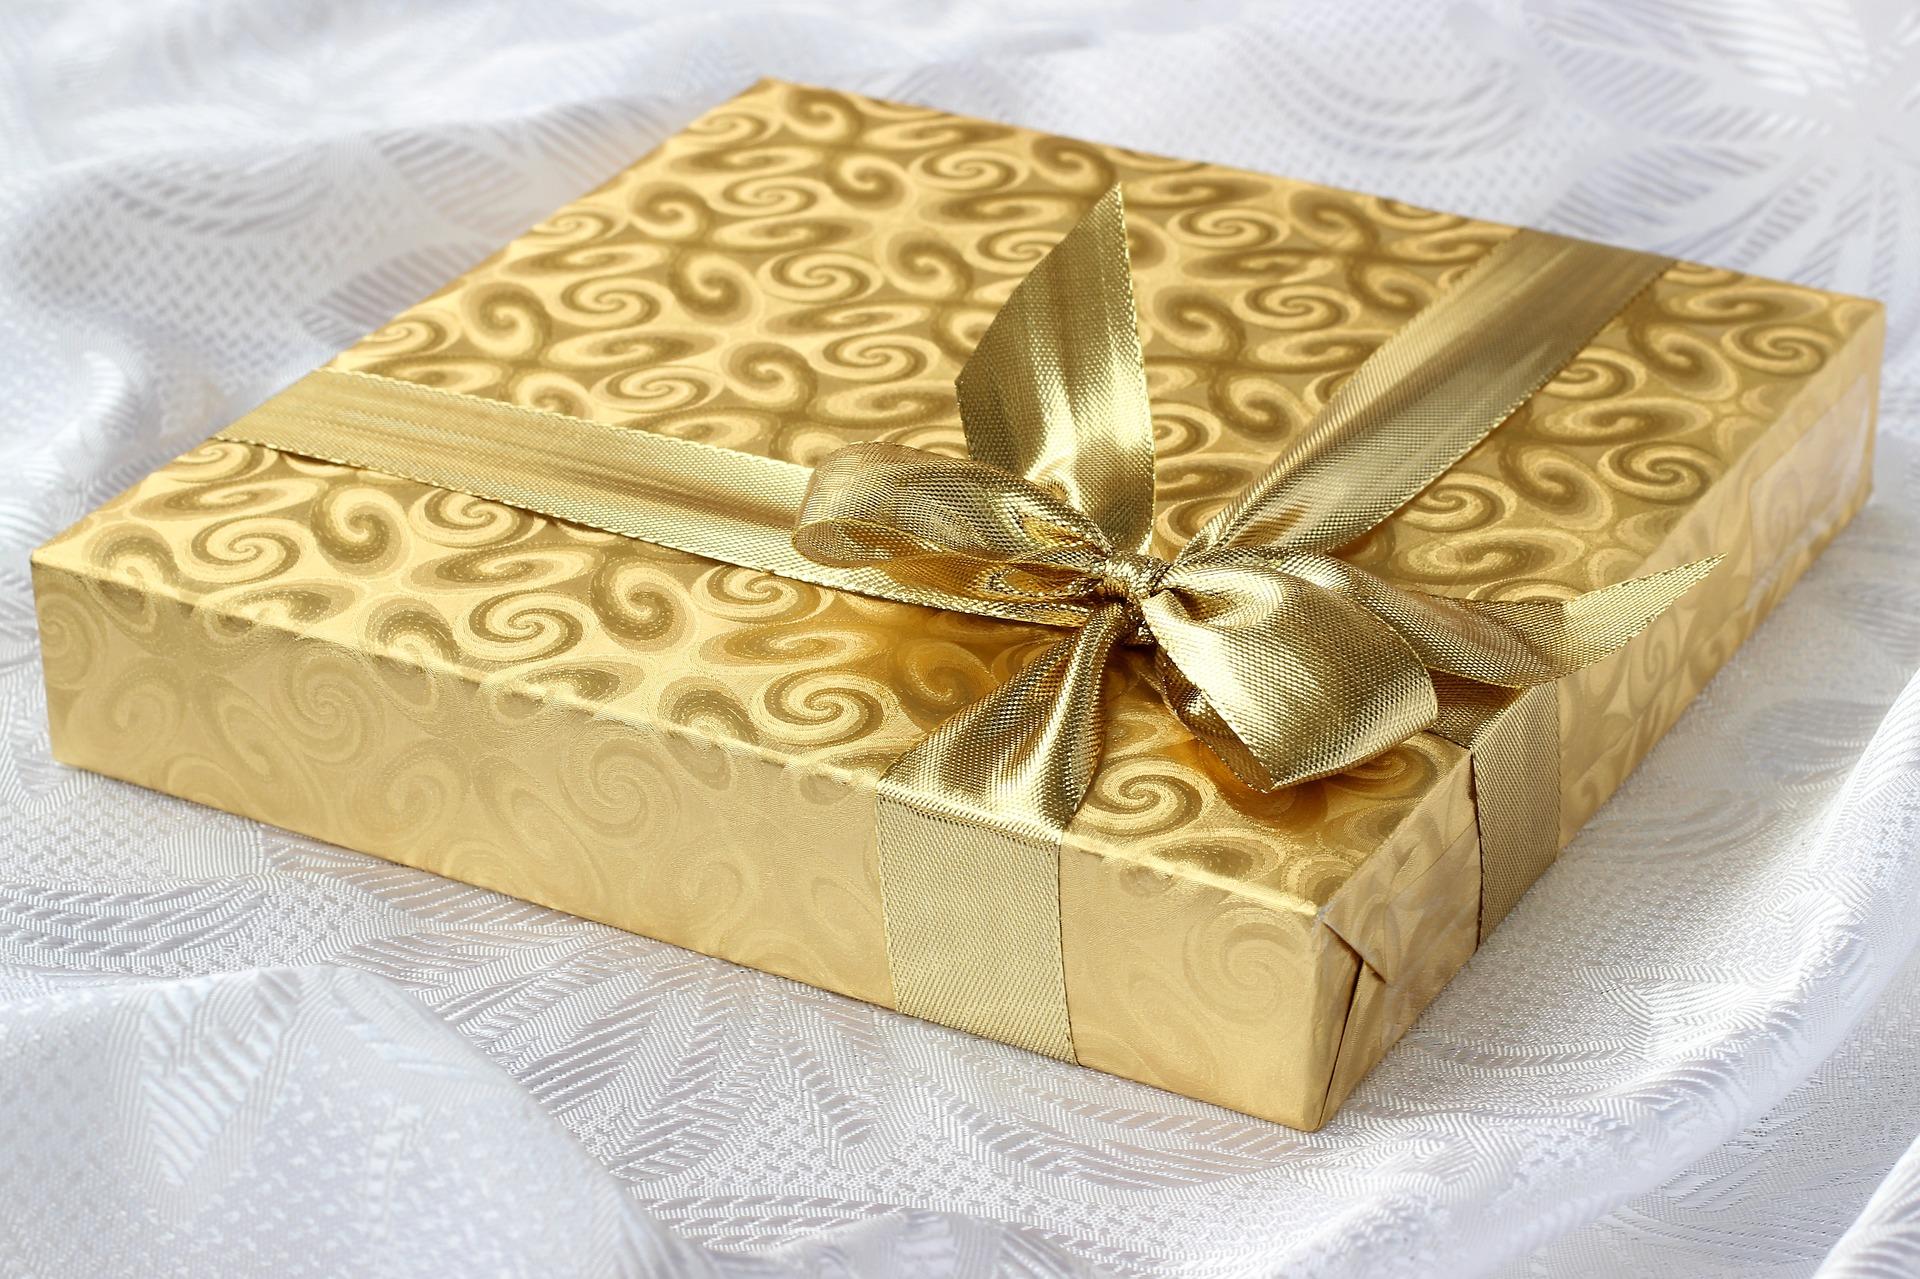 Christmas gift © JanDix | pixabay.com